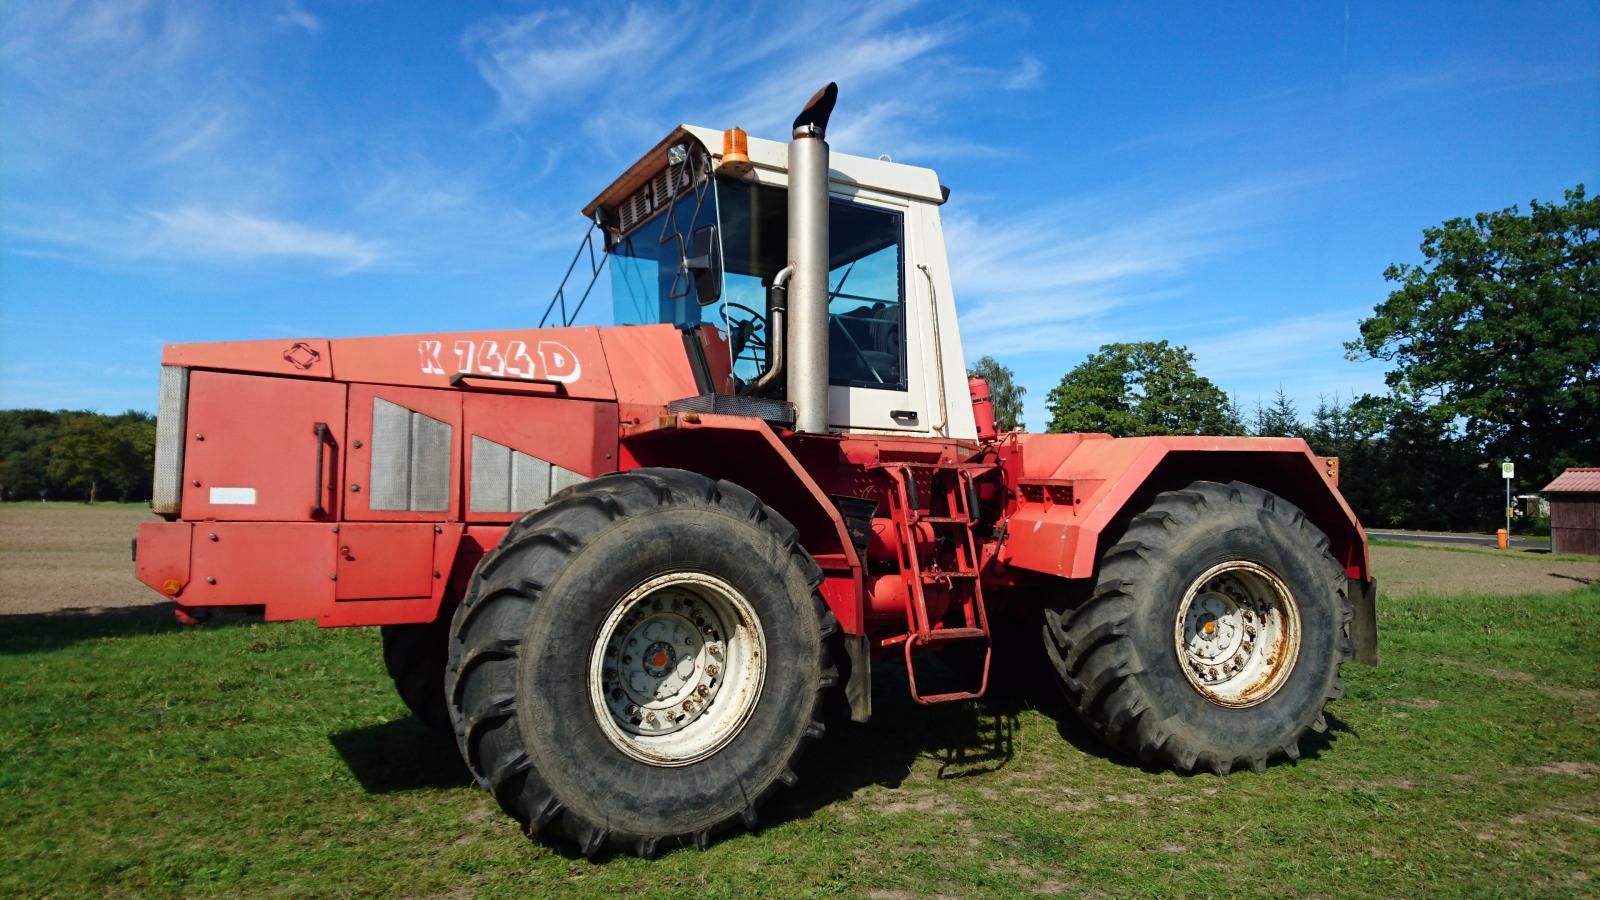 ПТЗ планирует представить роботизированный трактор к следующему году